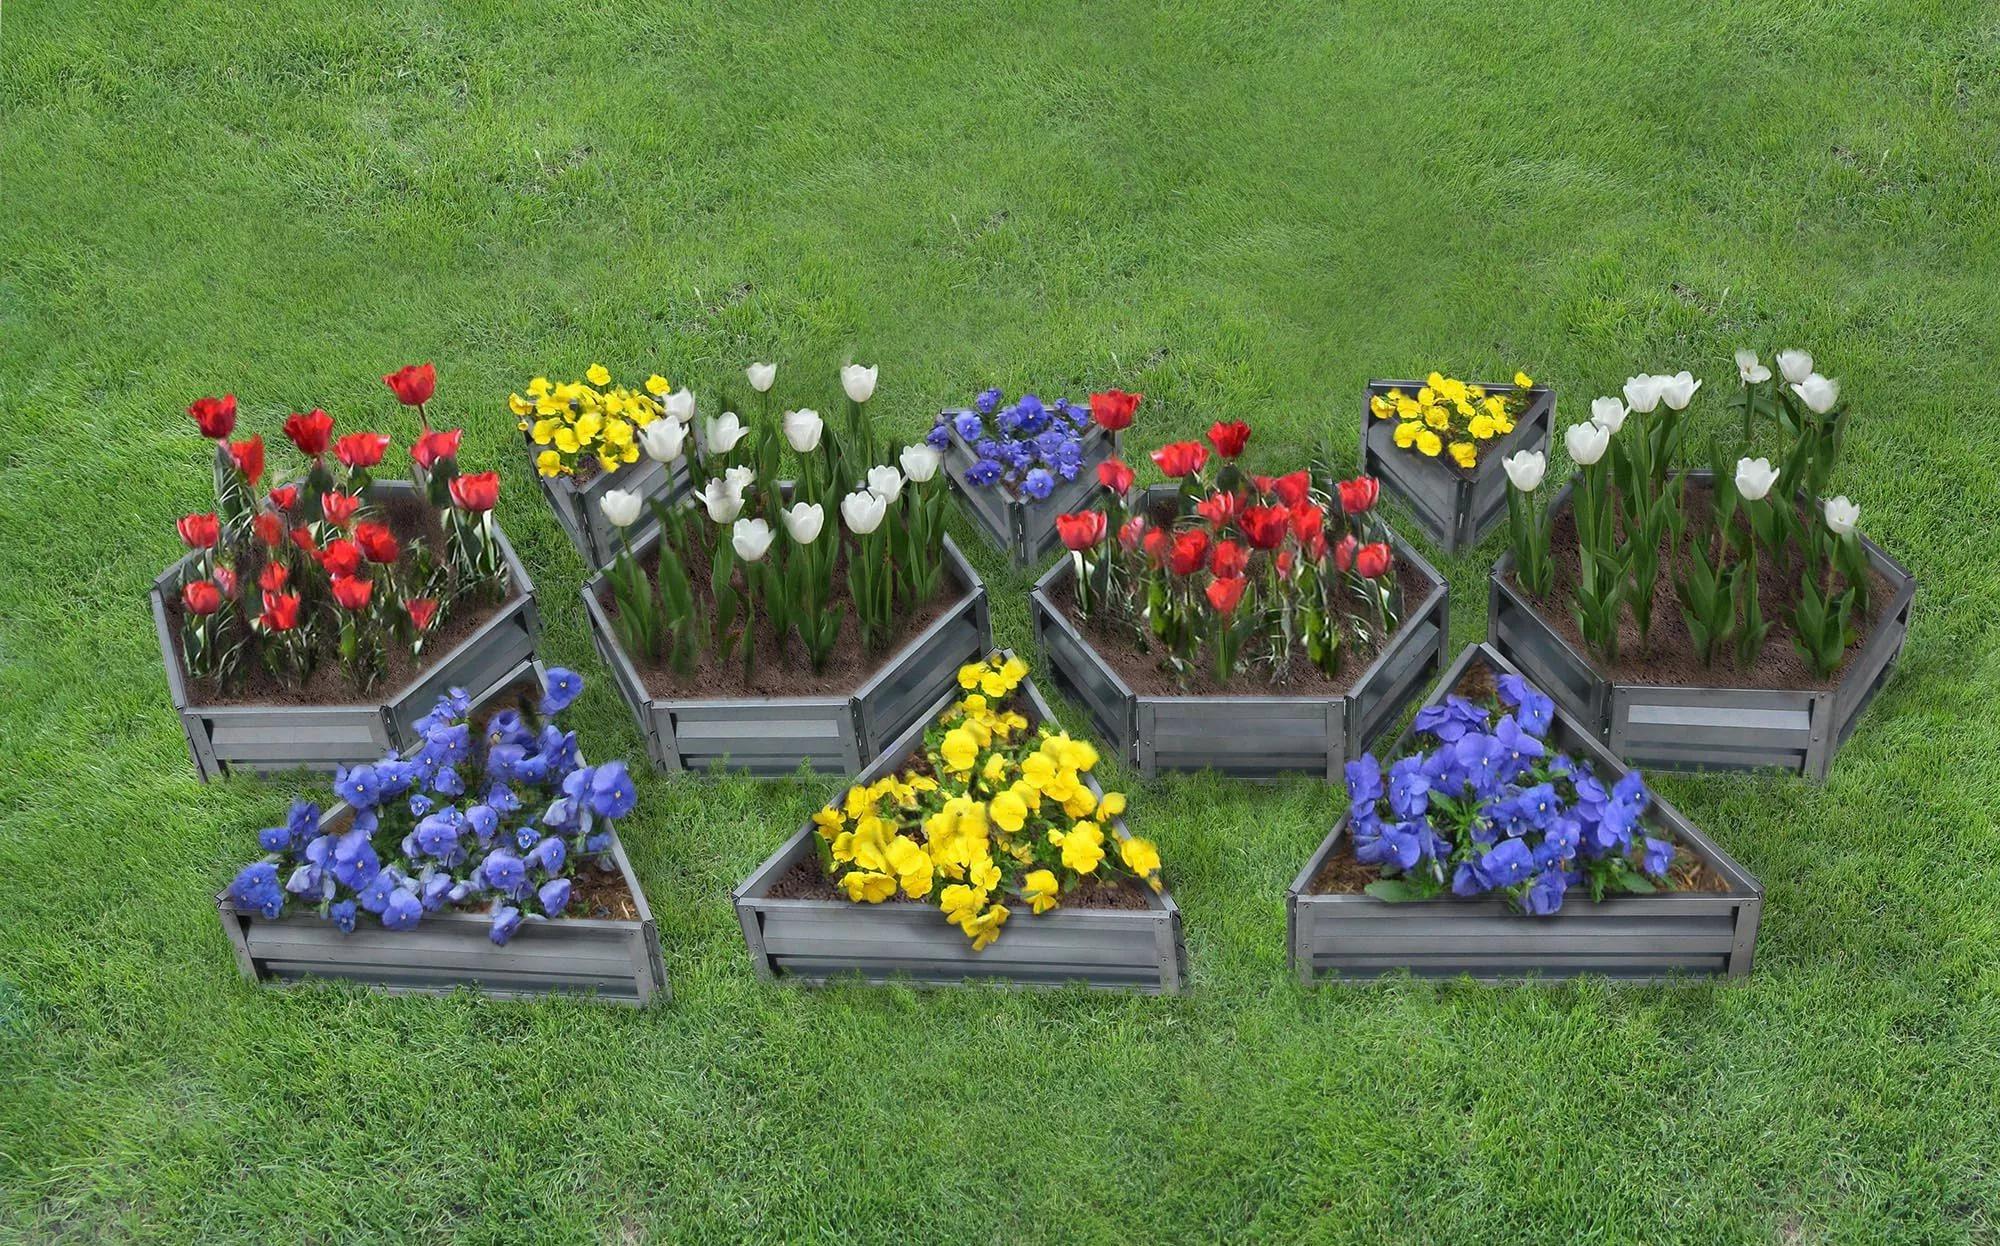 Фото как сделать цветочную клумбу